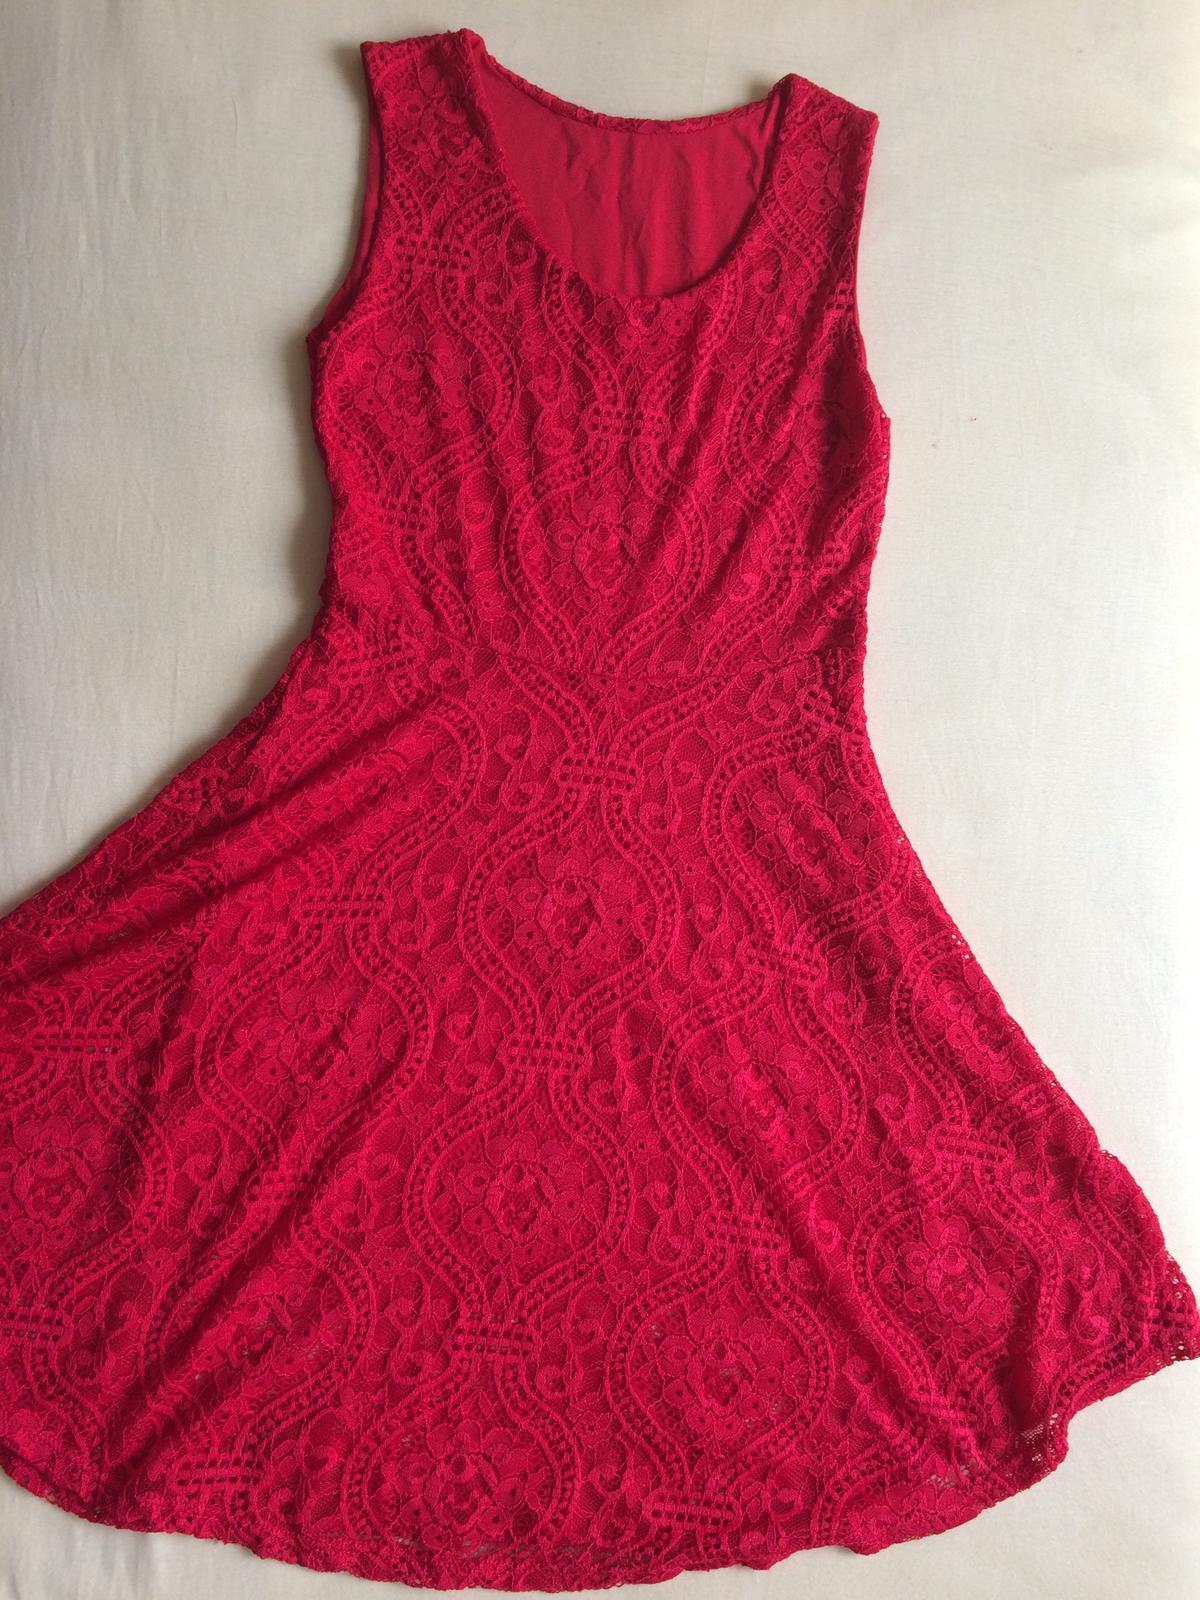 Červené čipkované šaty - popolmočné - Obrázok č. 1